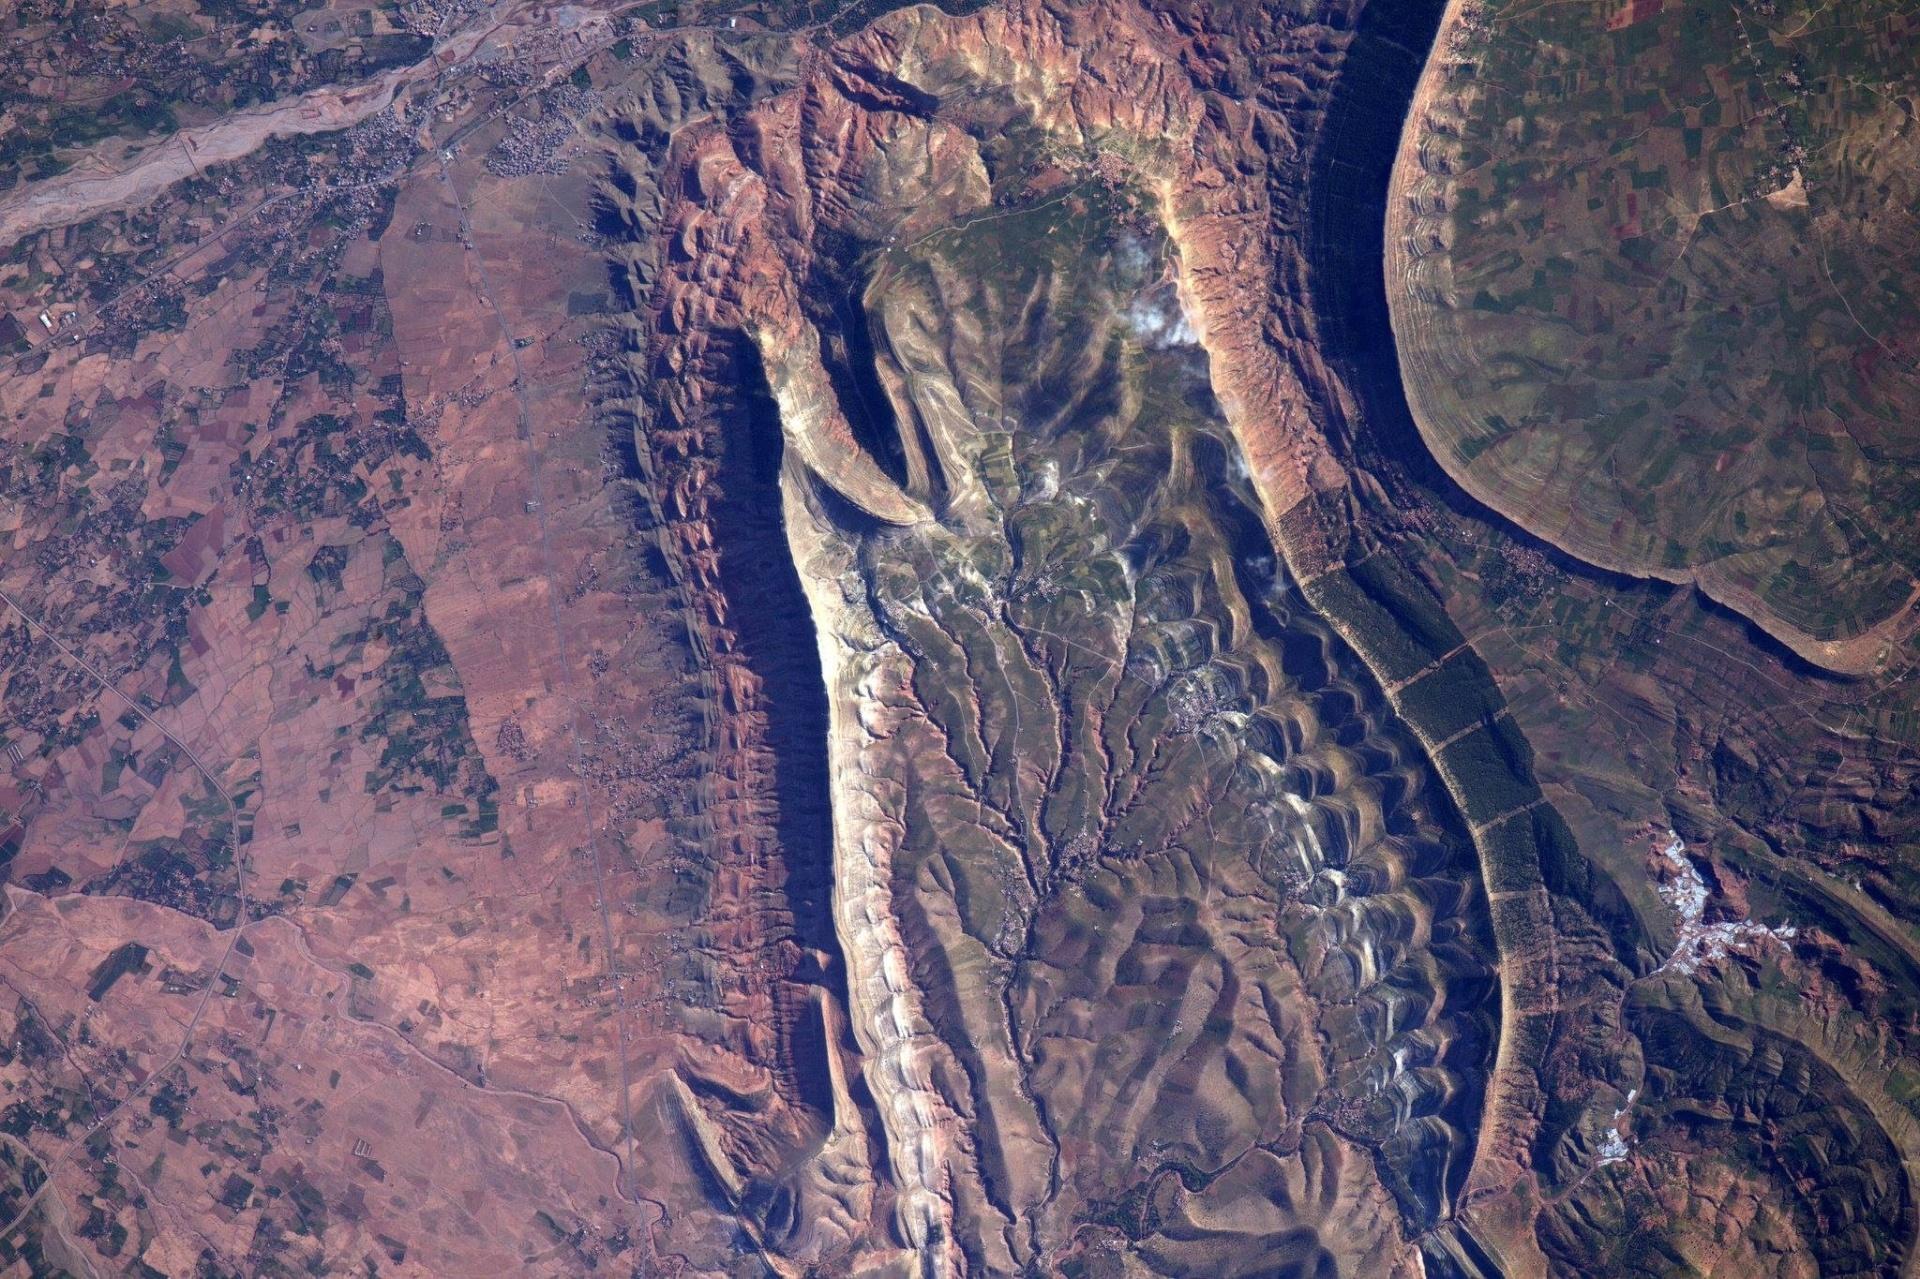 3.mai.2016 - A expedição 47 da Nasa (Agência Espacial Norte-Americana) tirou essa foto da ISS (Estação Espacial Internacional) enquanto passava por Marrocos nesta segunda-feira (2). A imagem foi divulgada nesta terça-feira (3). O engenheiro de voo Jeff Williams postou a imagem nas redes sociais e afirmou que ver a geologia marroquina é incrível